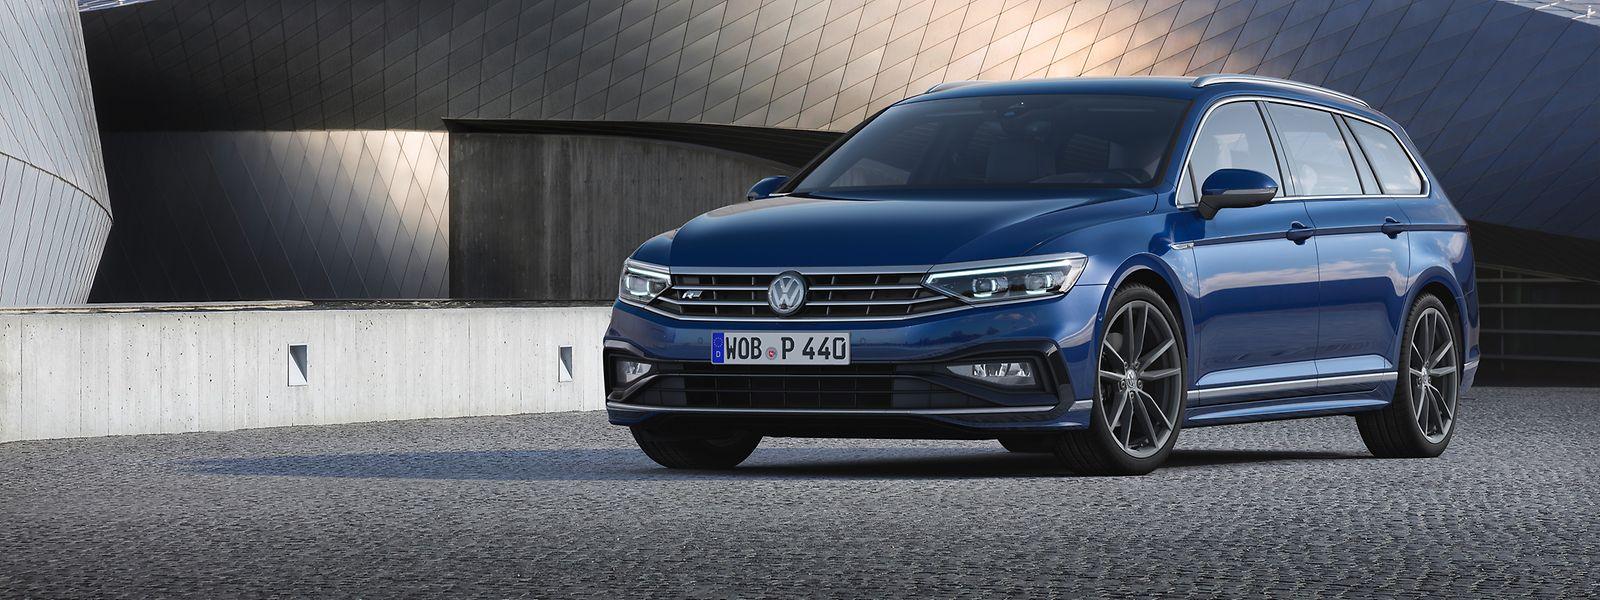 Der Variant genannte Kombi wird dem VW Passat wohl auch weiterhin die Führungsposition in der Mittelklasse sichern.